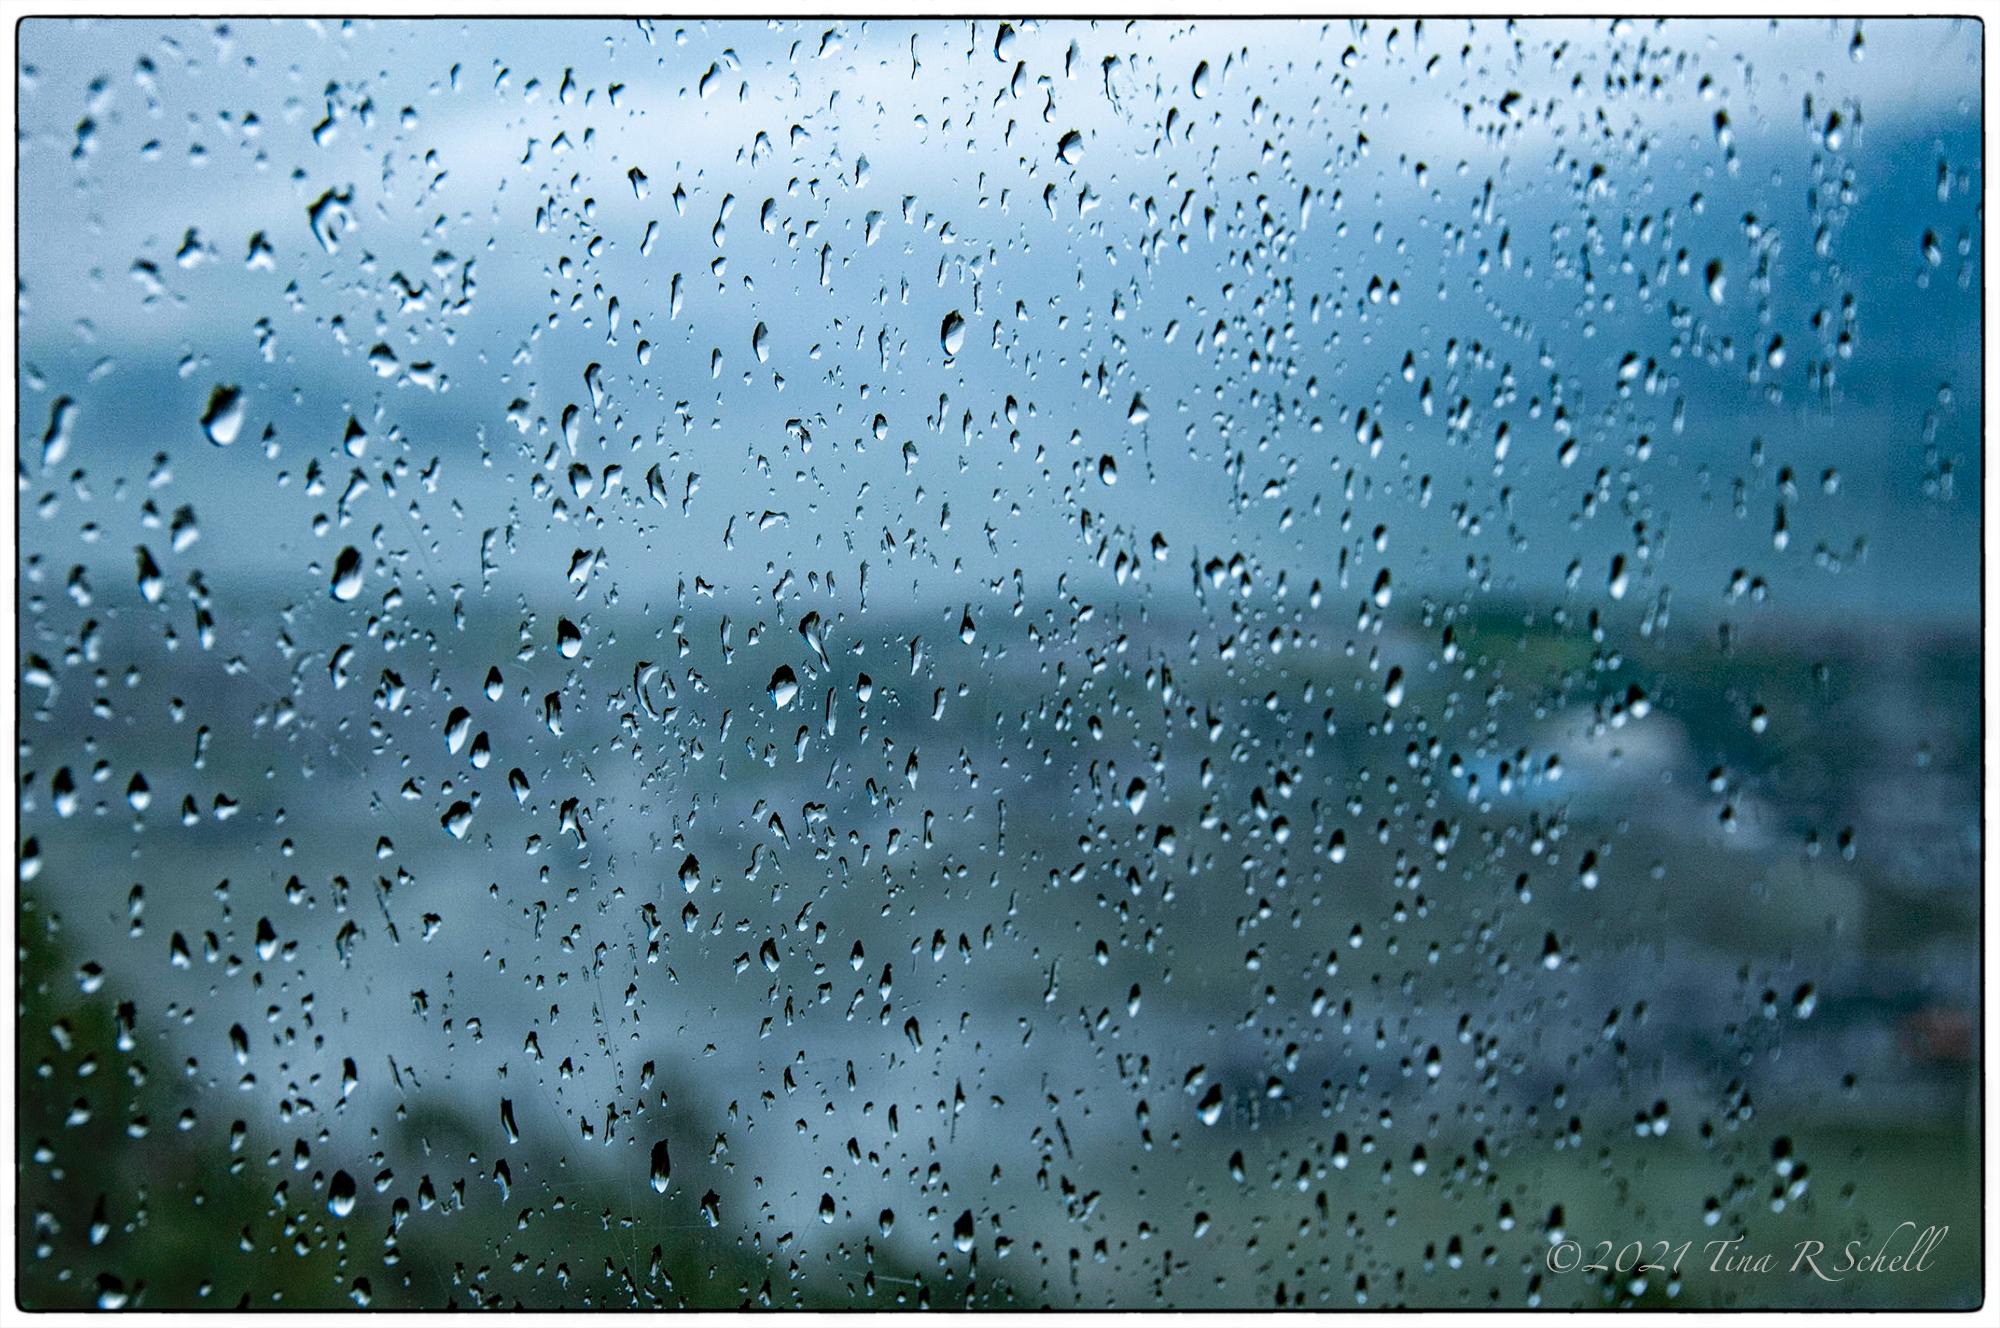 WINDOW, RAINDROPS